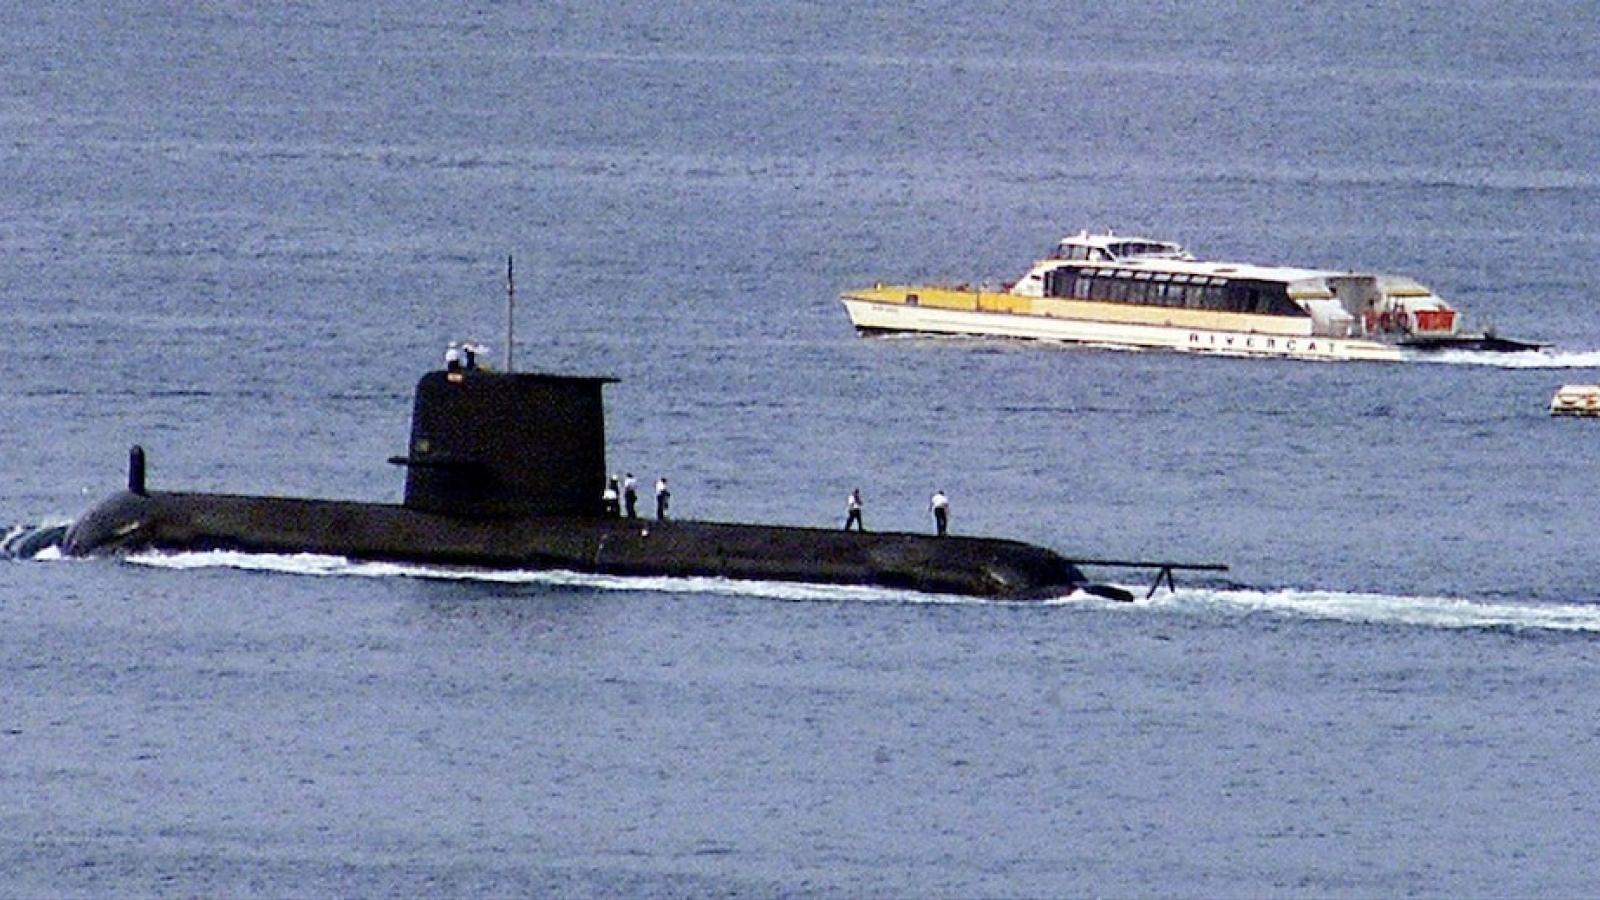 Nguy cơ Australia hủy hợp đồng tàu ngầm Pháp đã hiện hữu từ nhiều năm trước